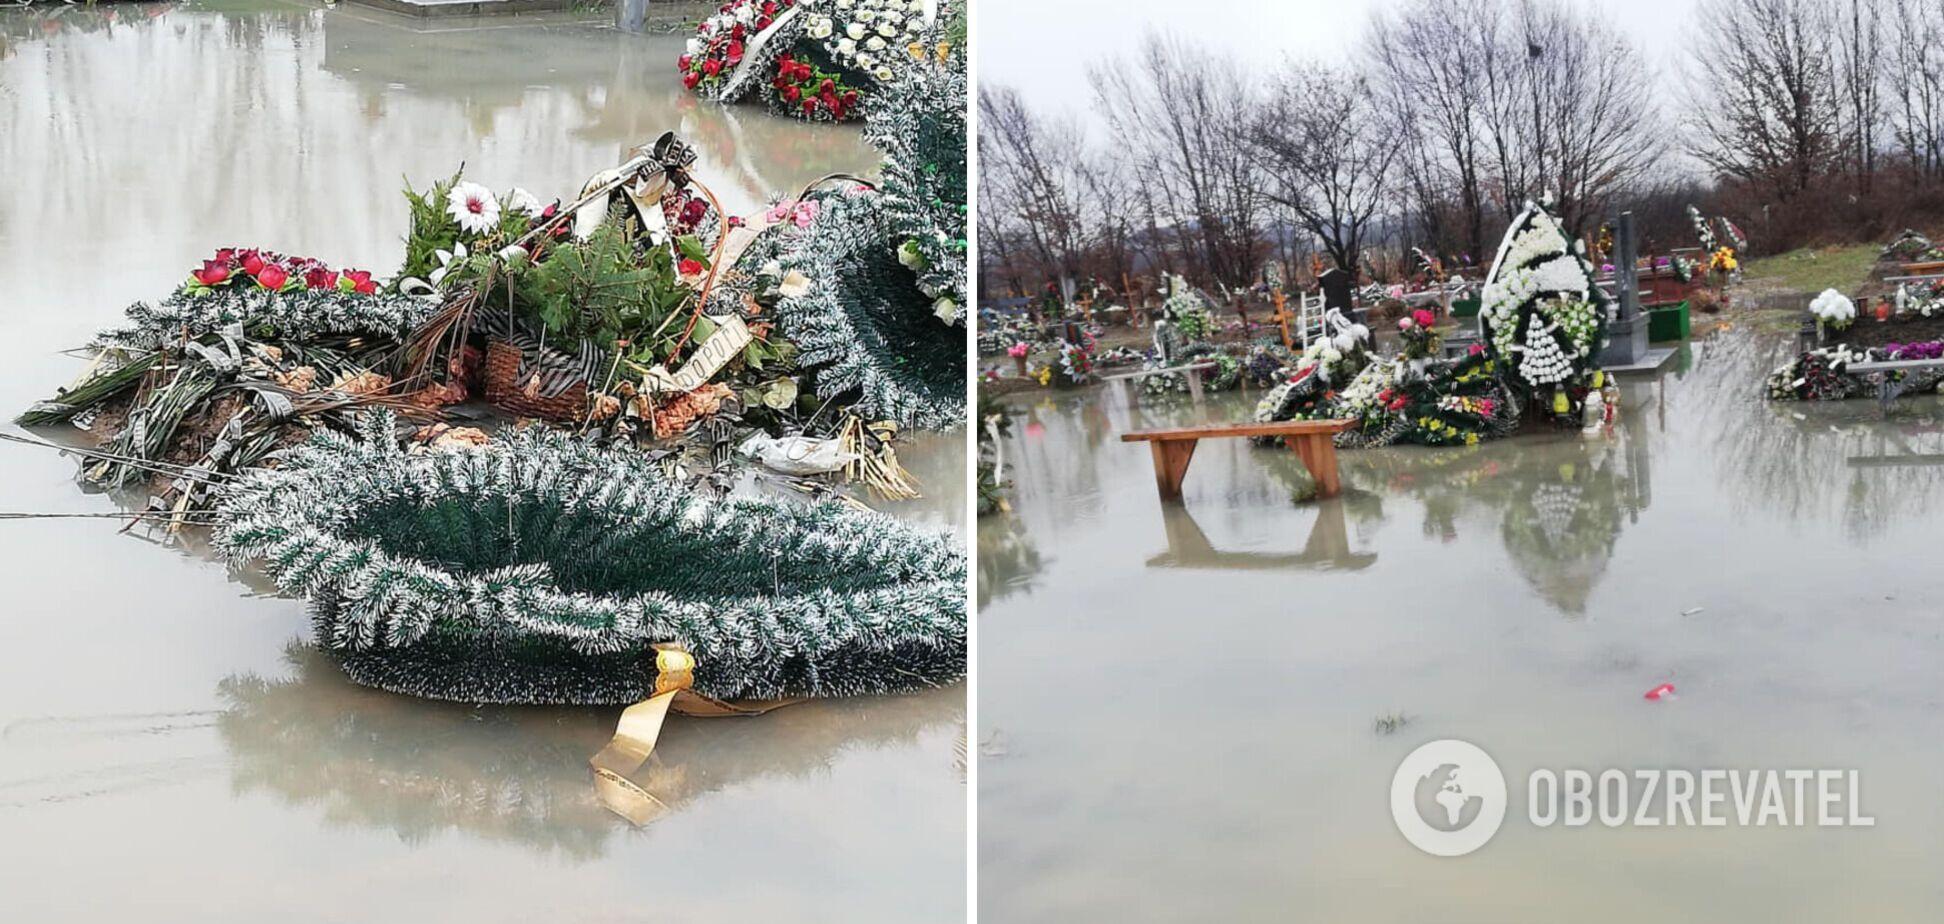 На Закарпатті затопило кладовище: свіжі могили 'попливли'. Фото і відео